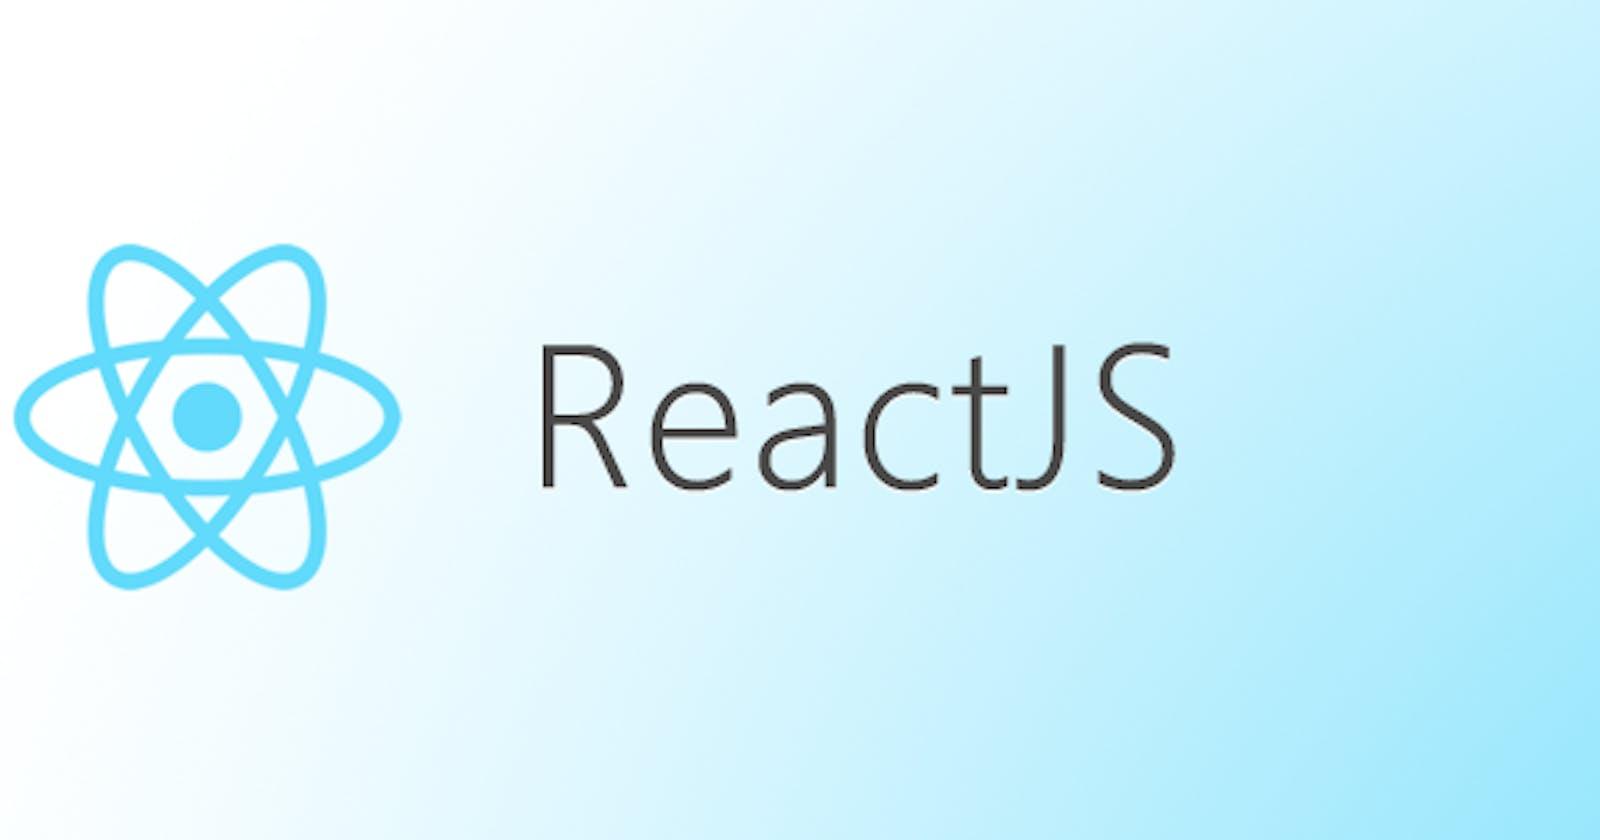 My super React Cheat Sheet!